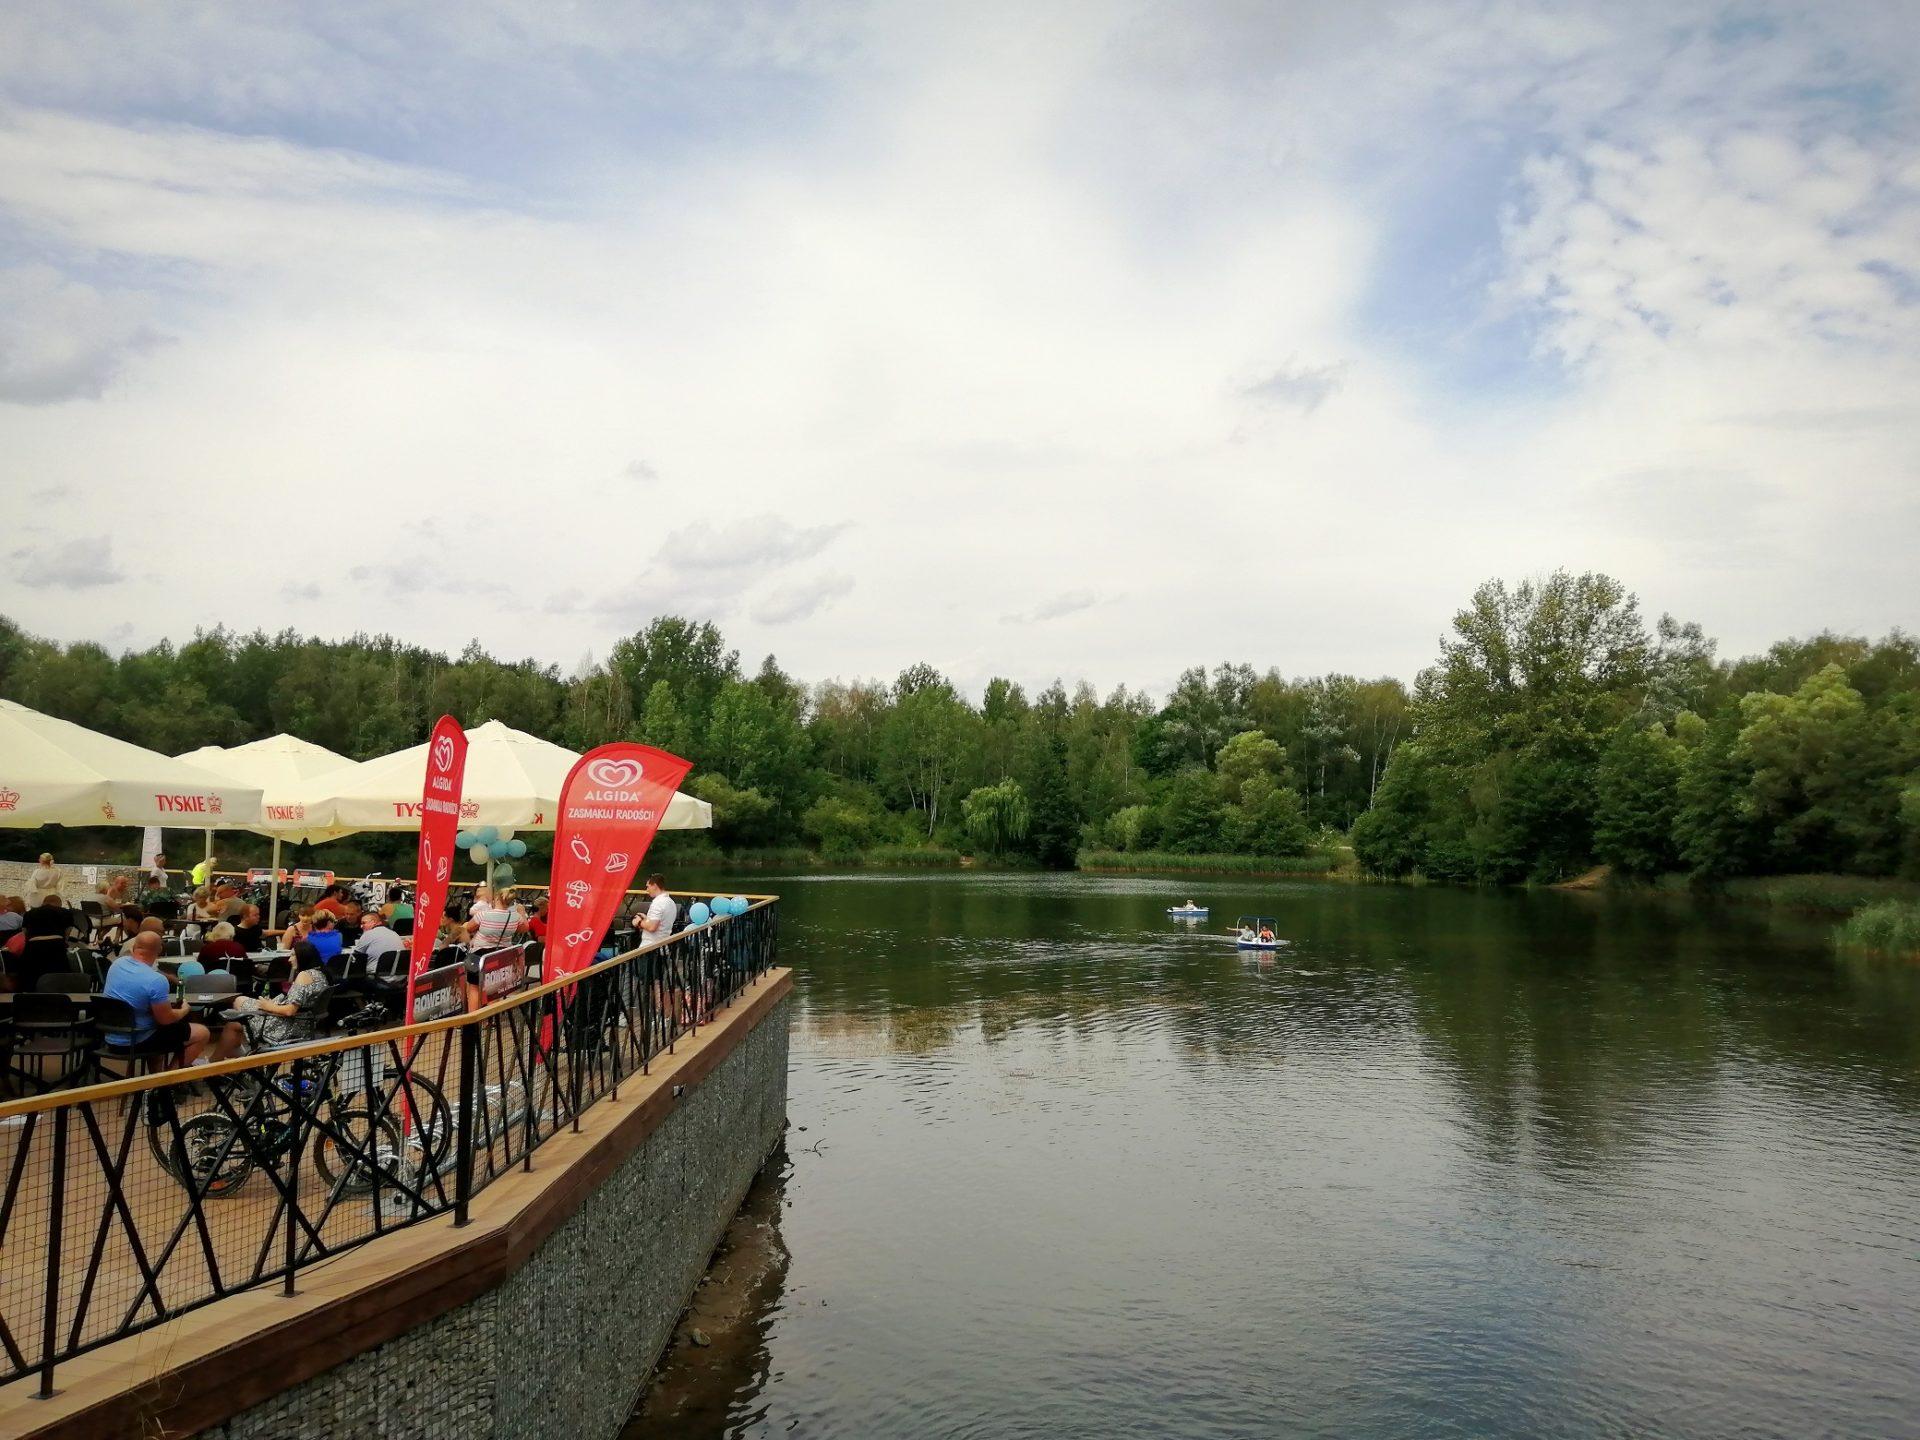 Park Wypoczynkowy Lisiniec, Częstochowa